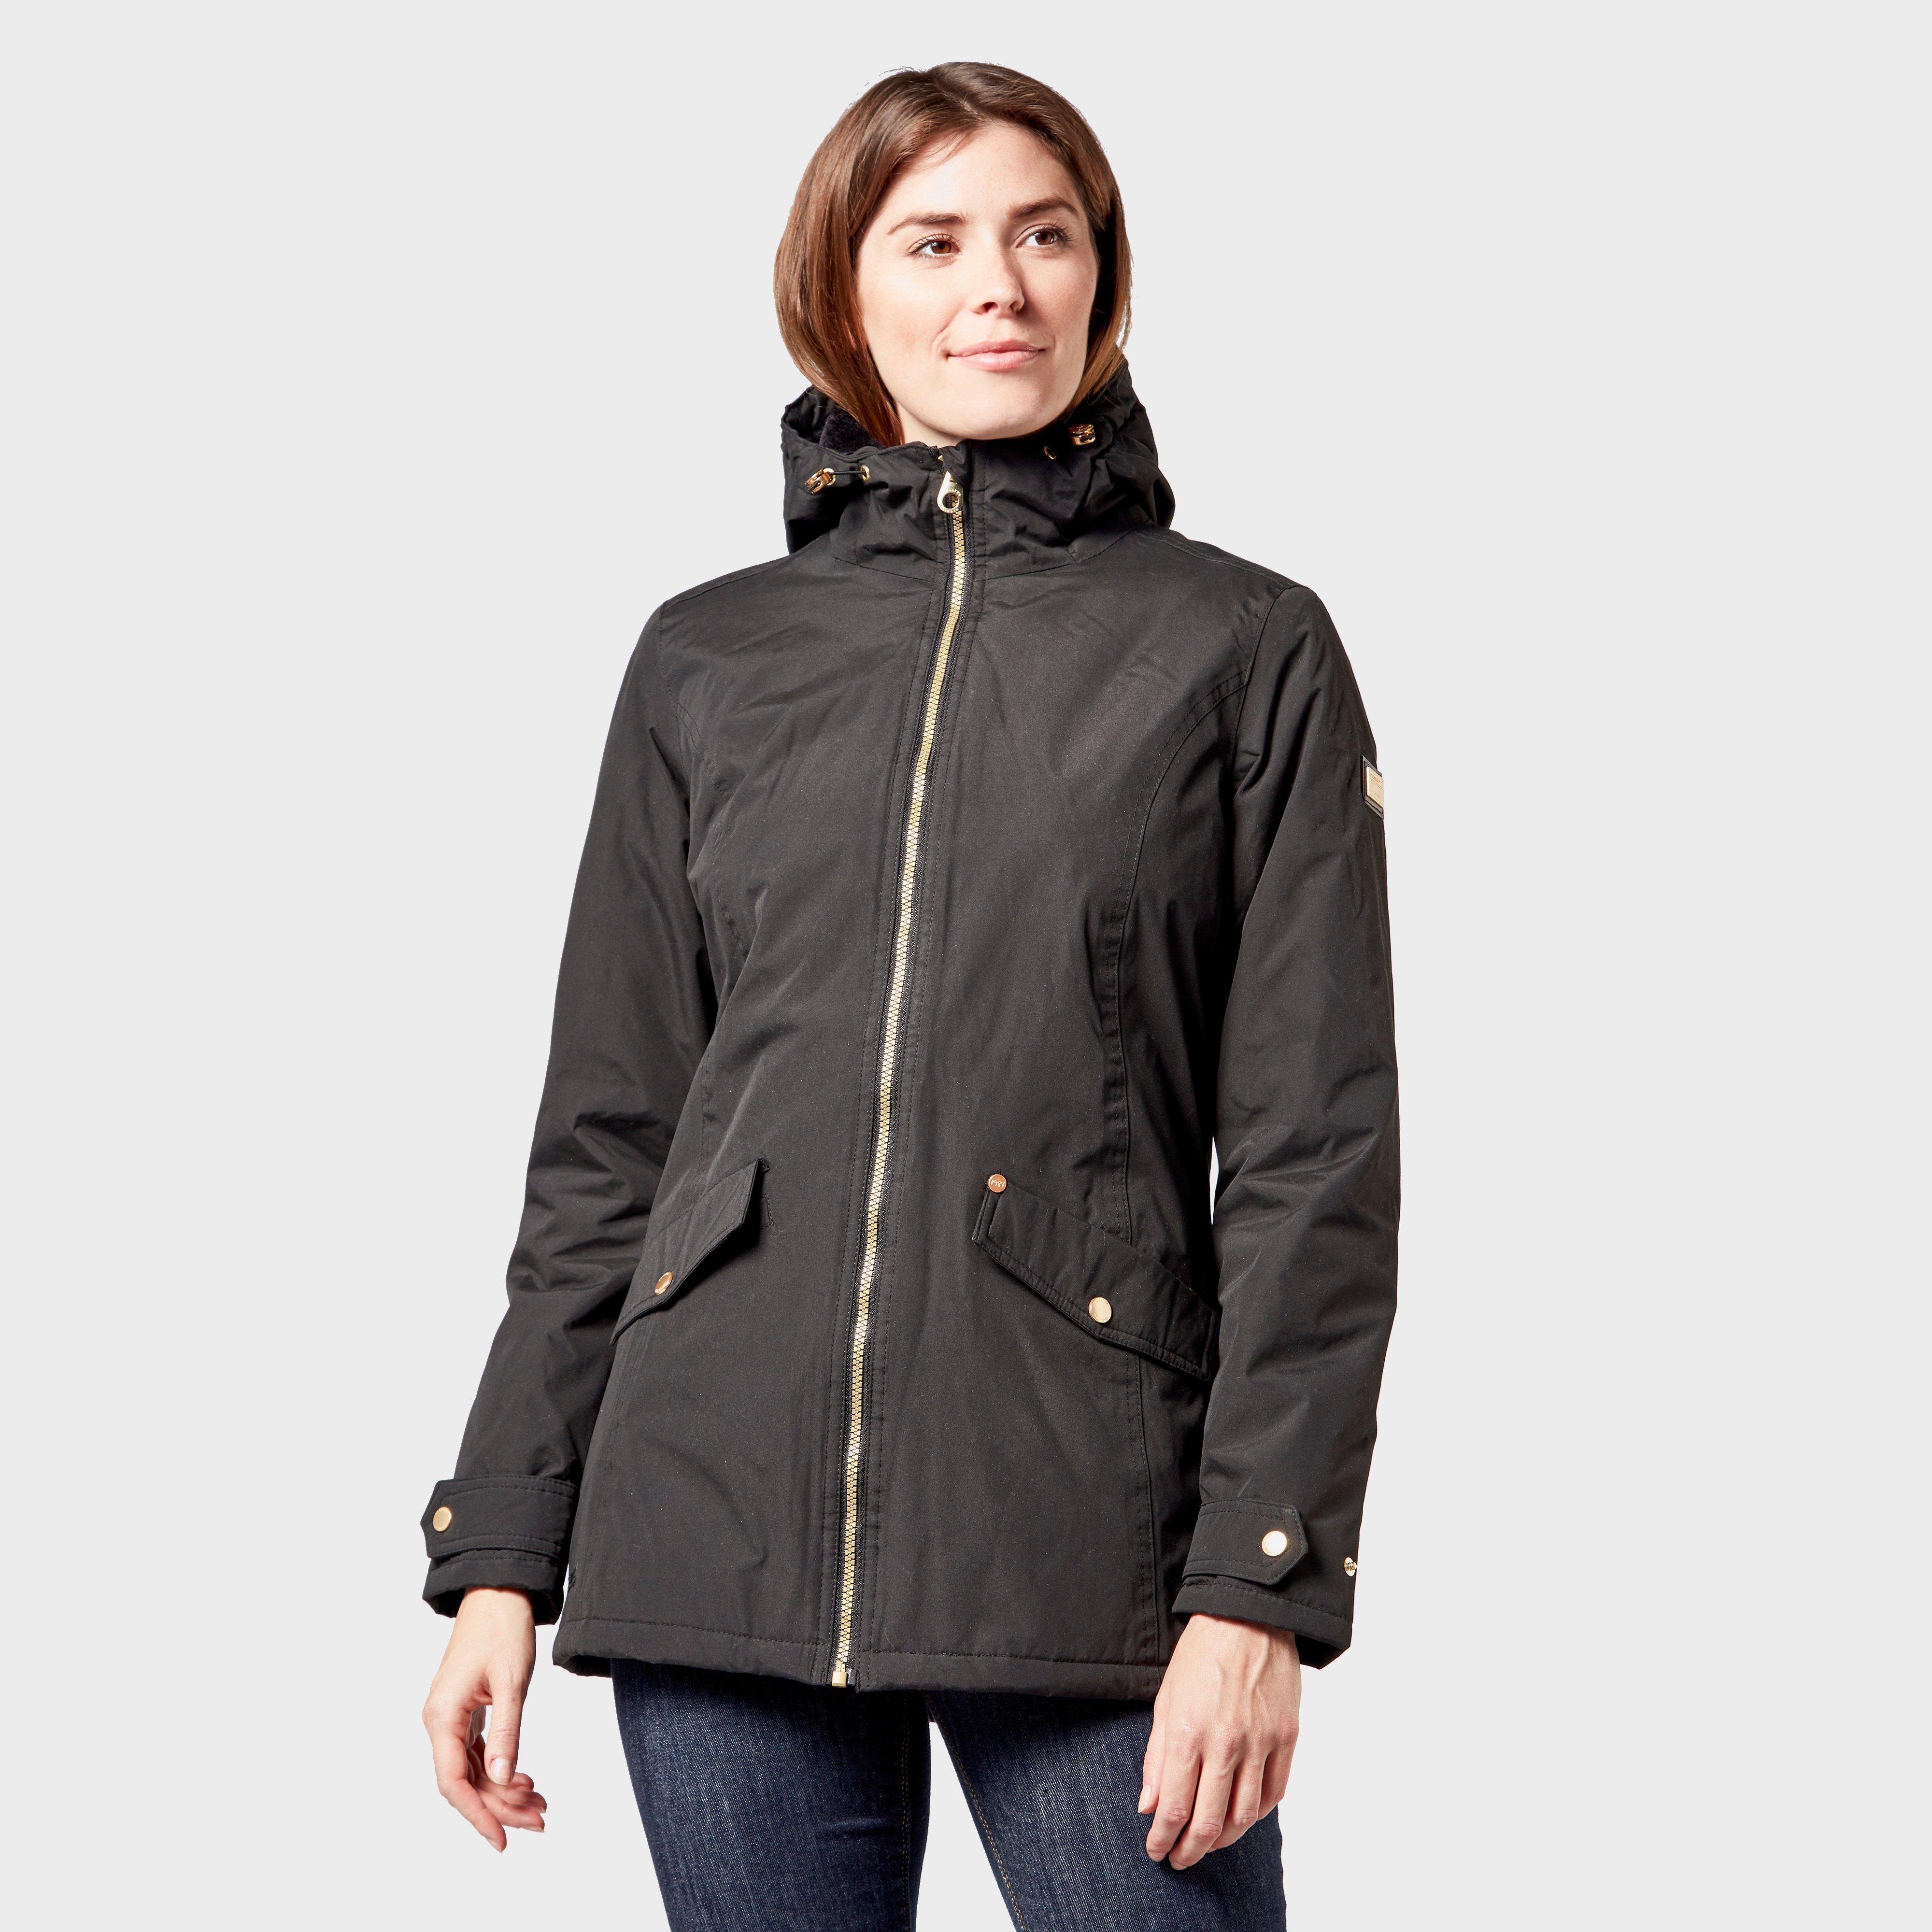 Regatta Regatta womens Bergonia Waterproof Jacket - Black, Black